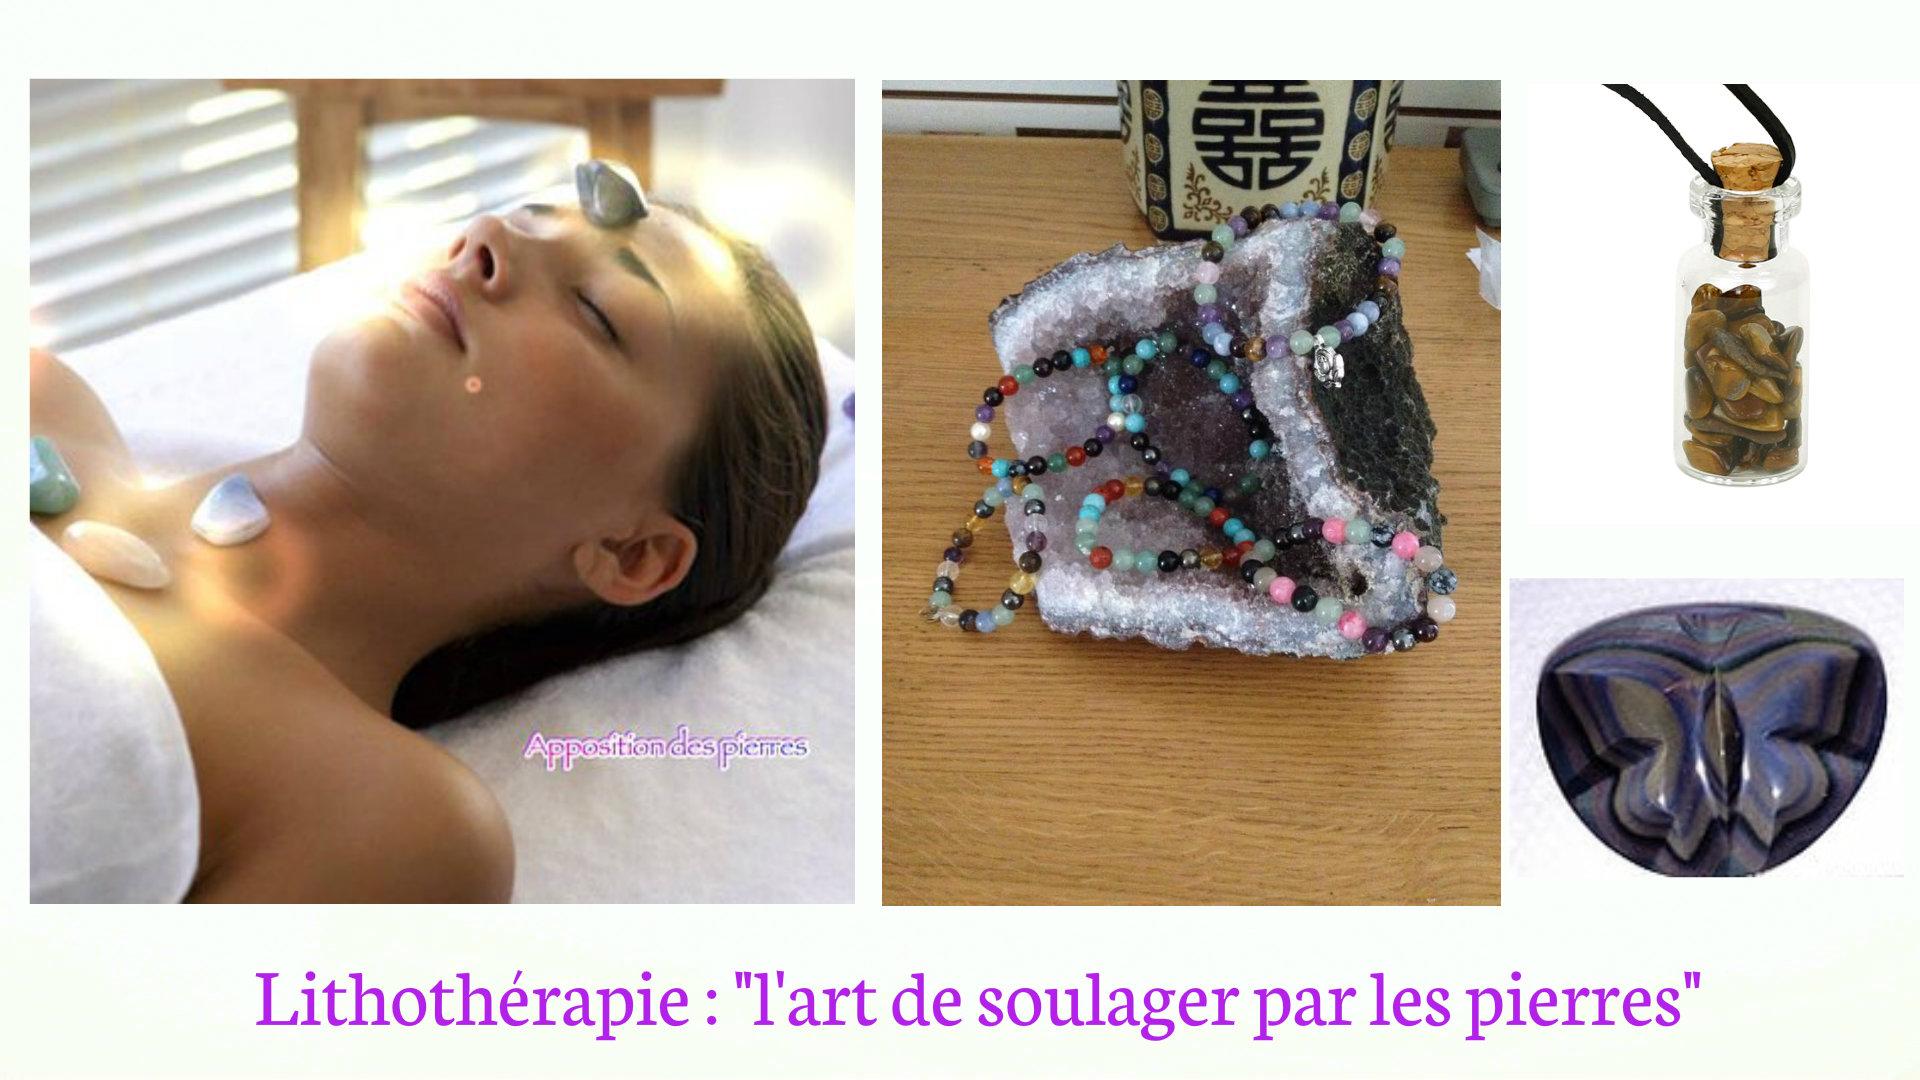 lithotherapie, lithotherapeute lisieux, caen, calvados, boutique lithotherapie, mineraux, pierres